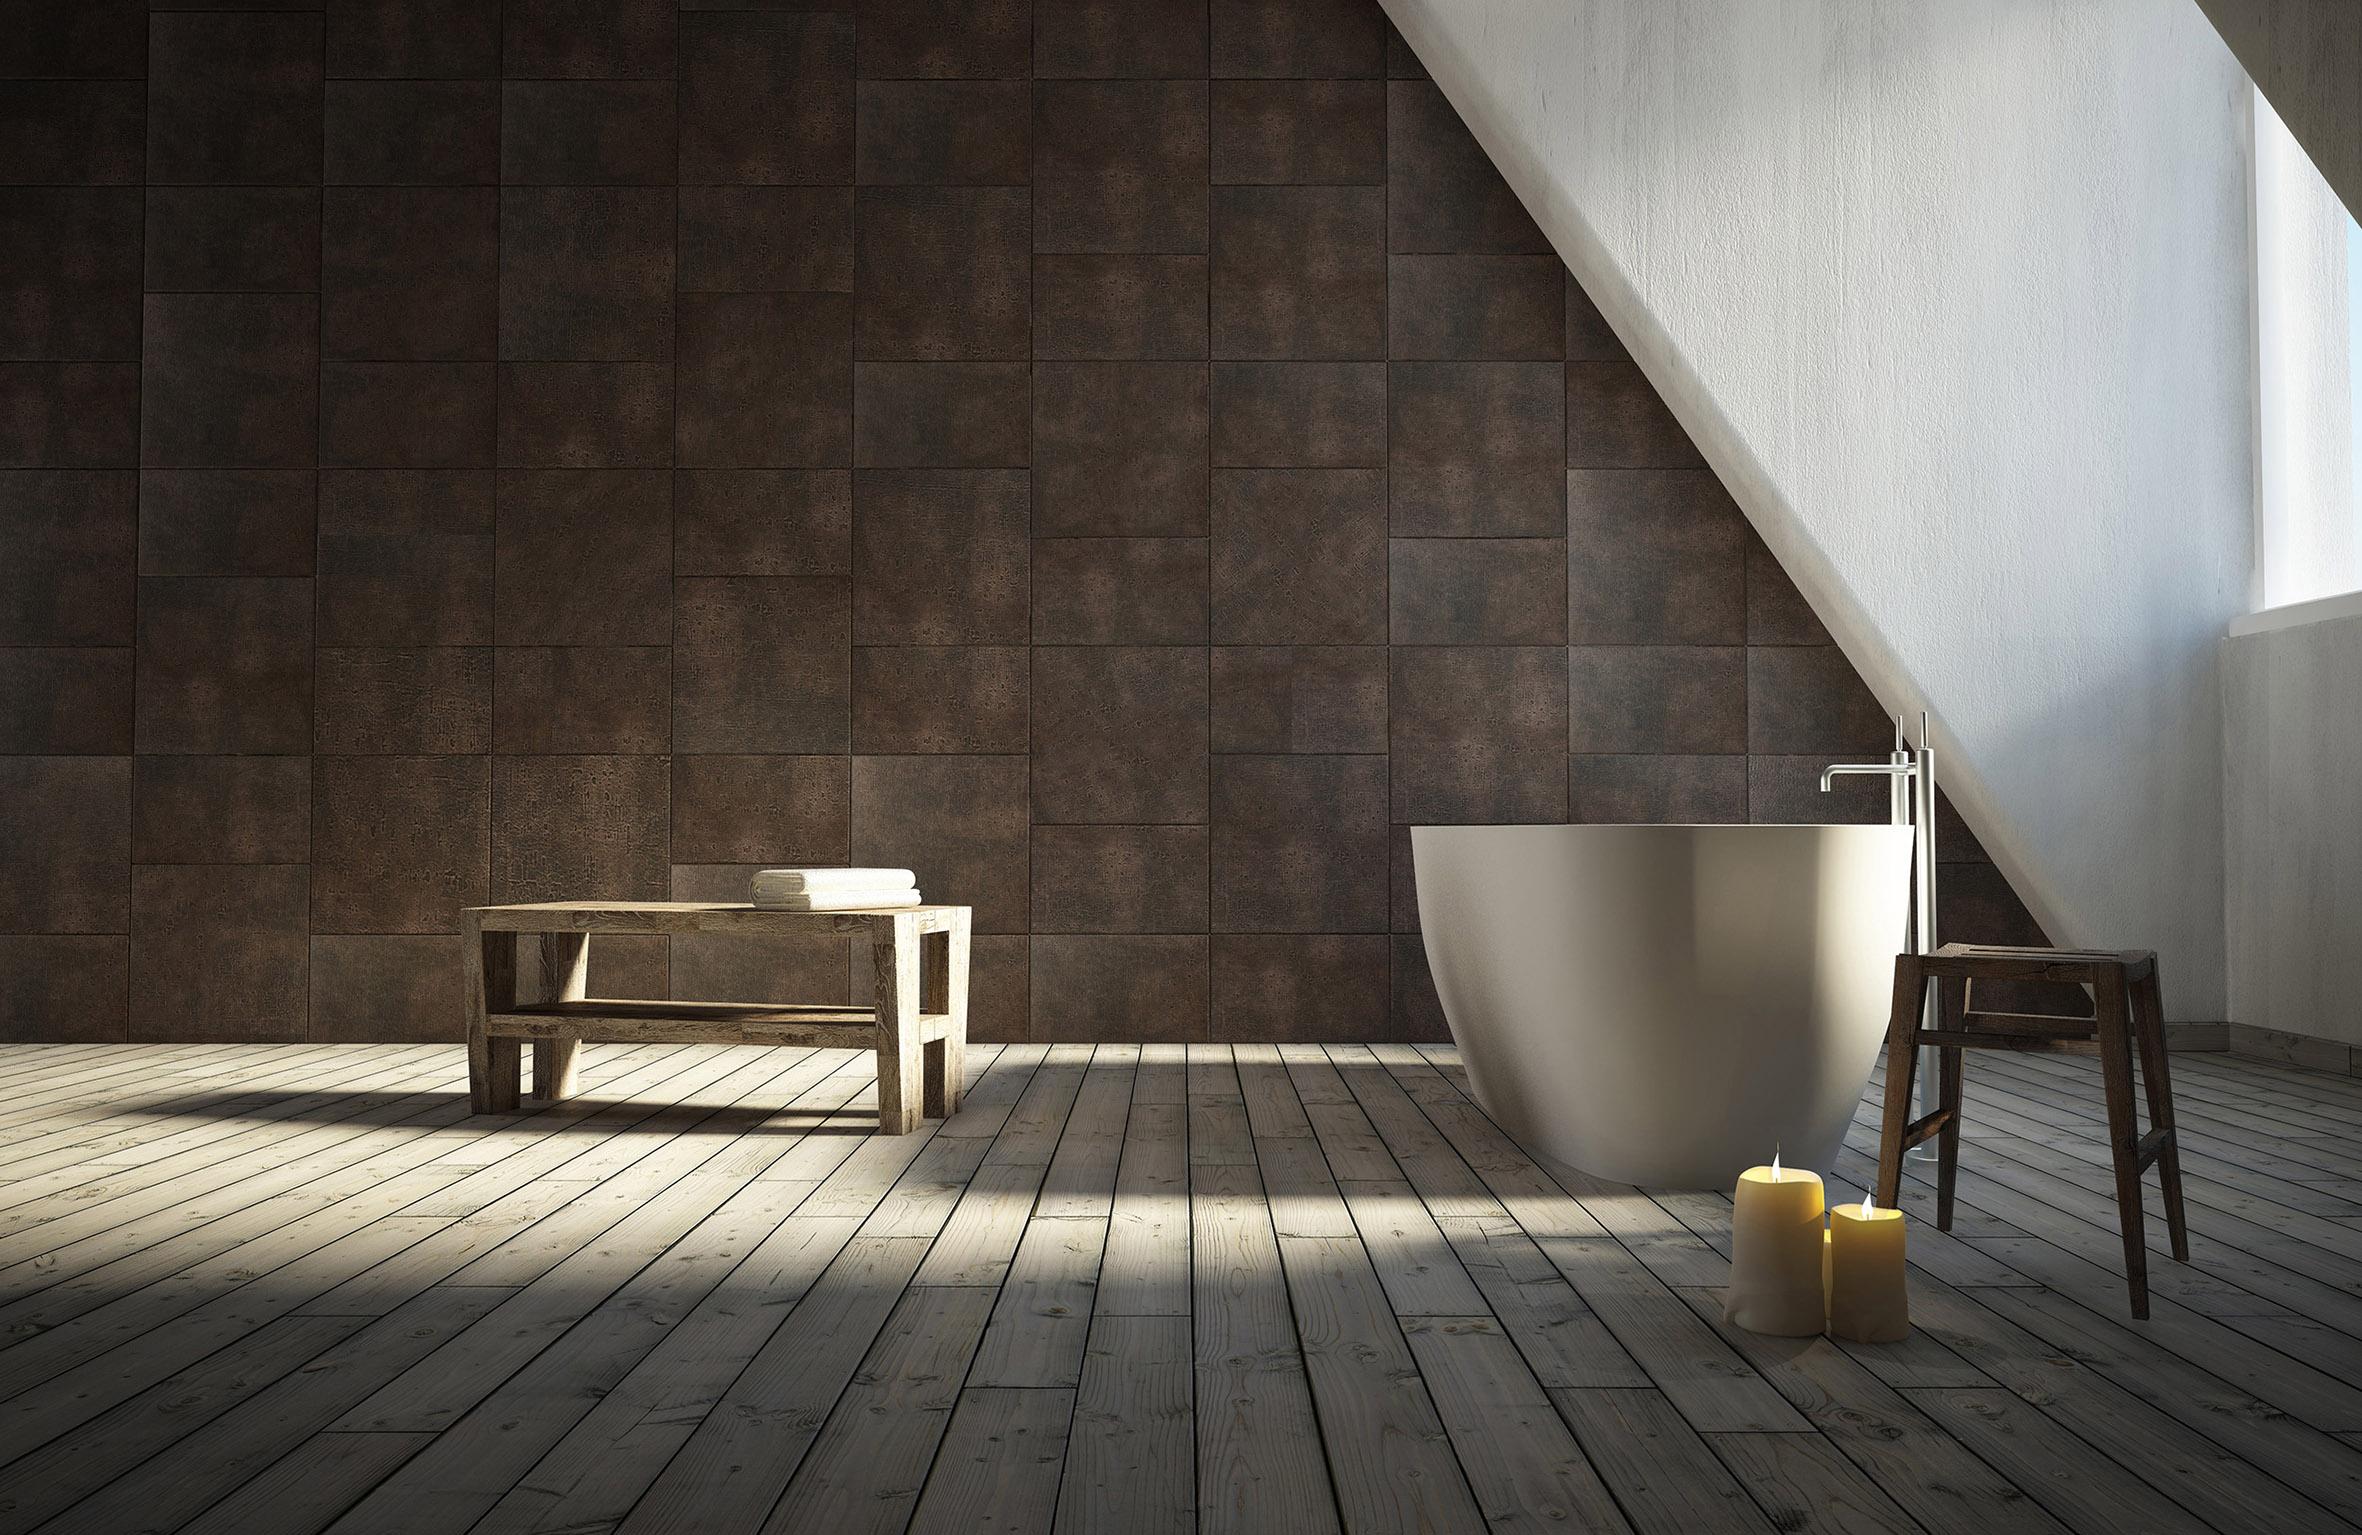 badkamer muur zonder tegels ., Meubels Ideeën